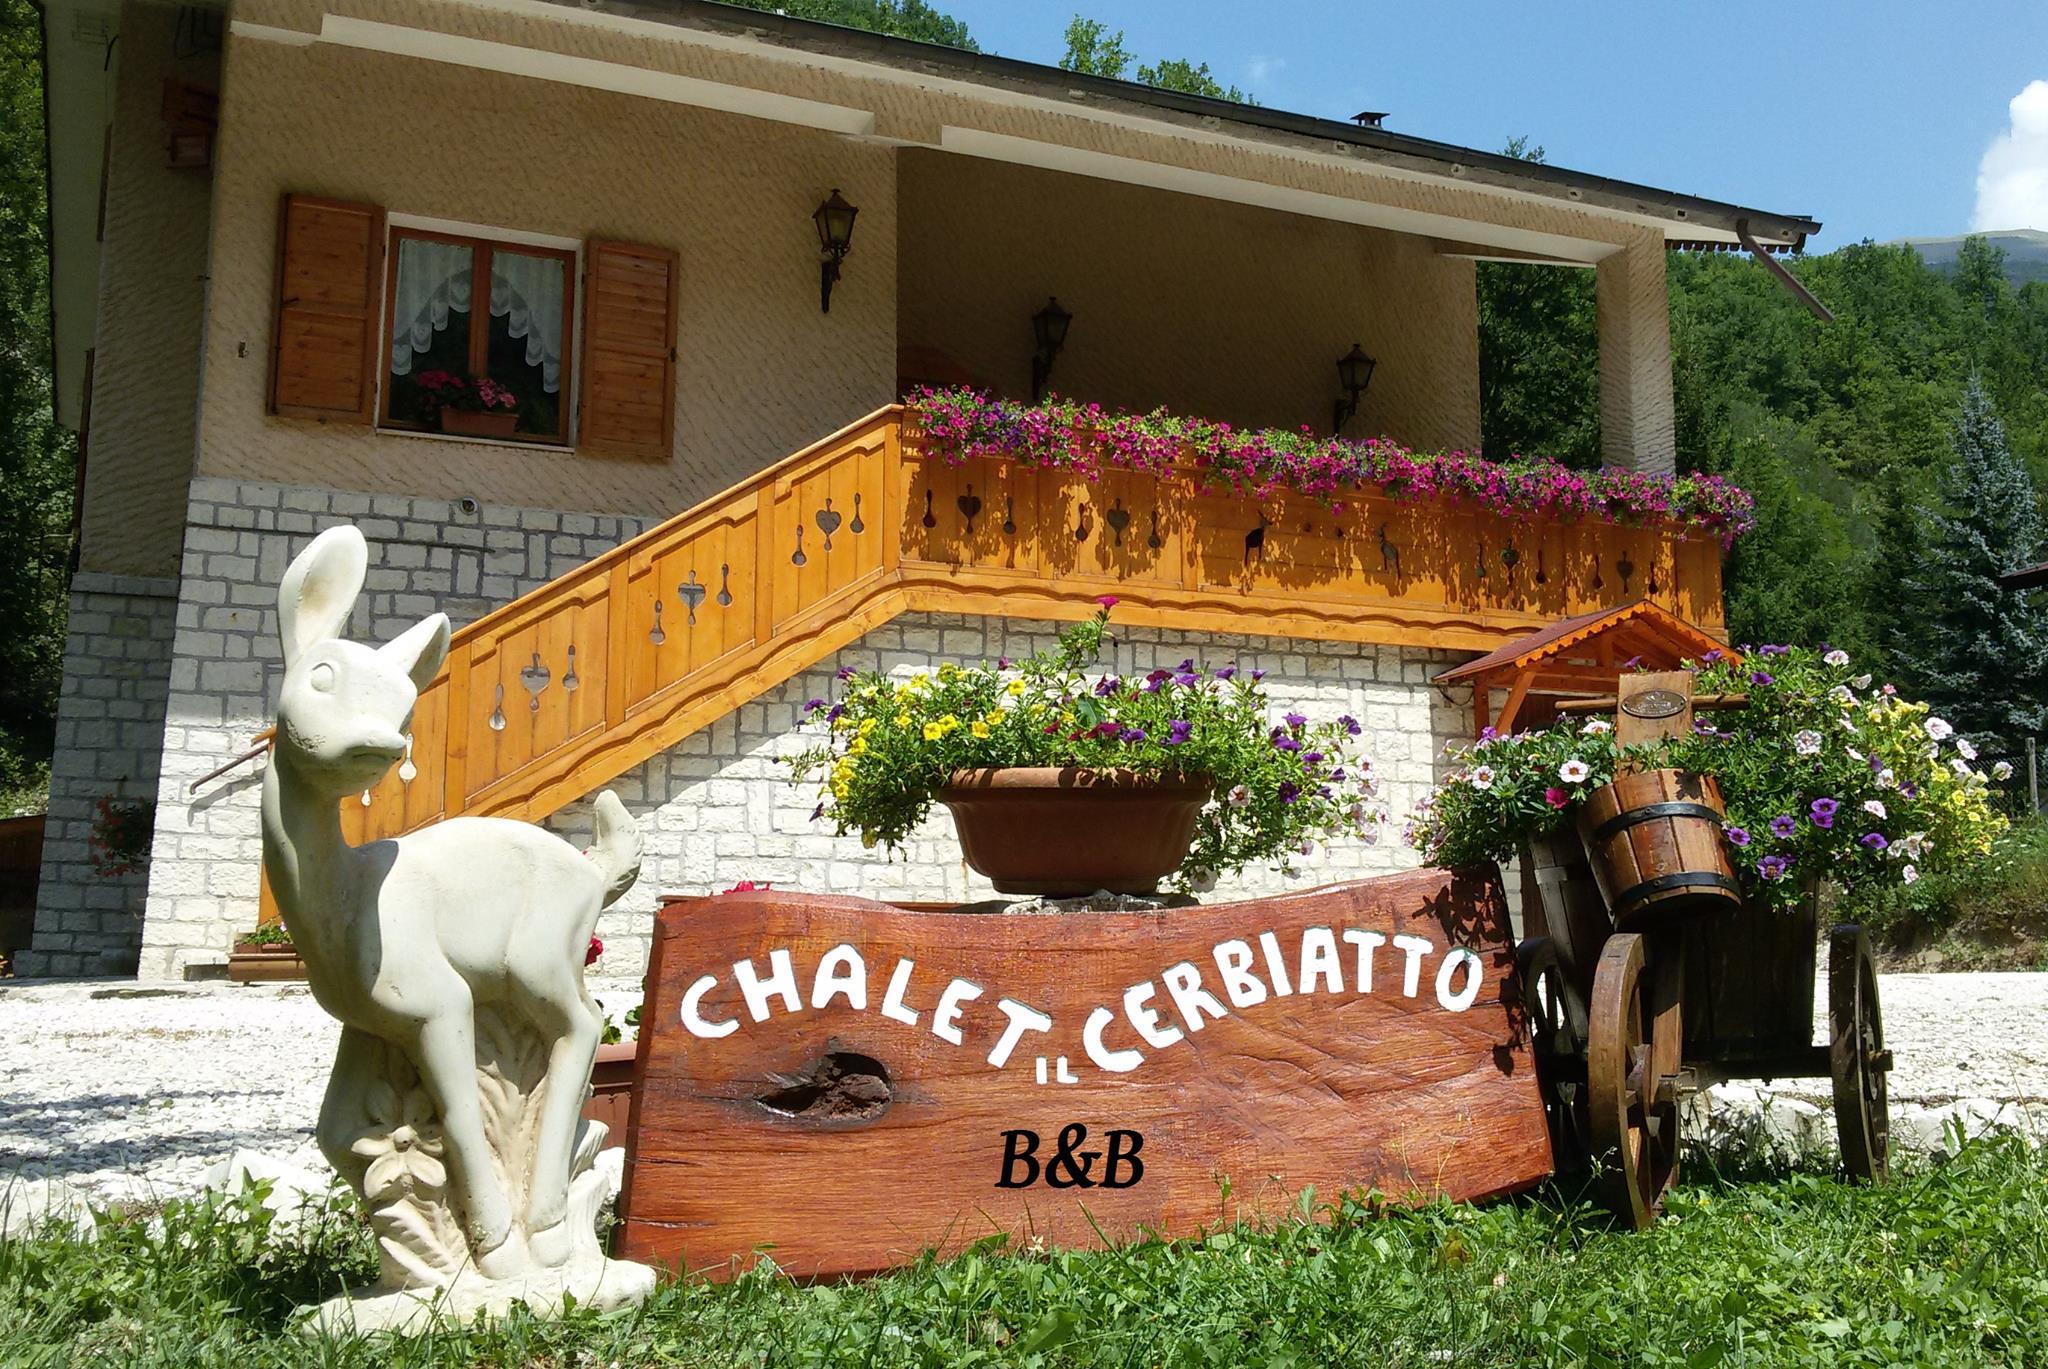 Chalet-il-Cerbiatto